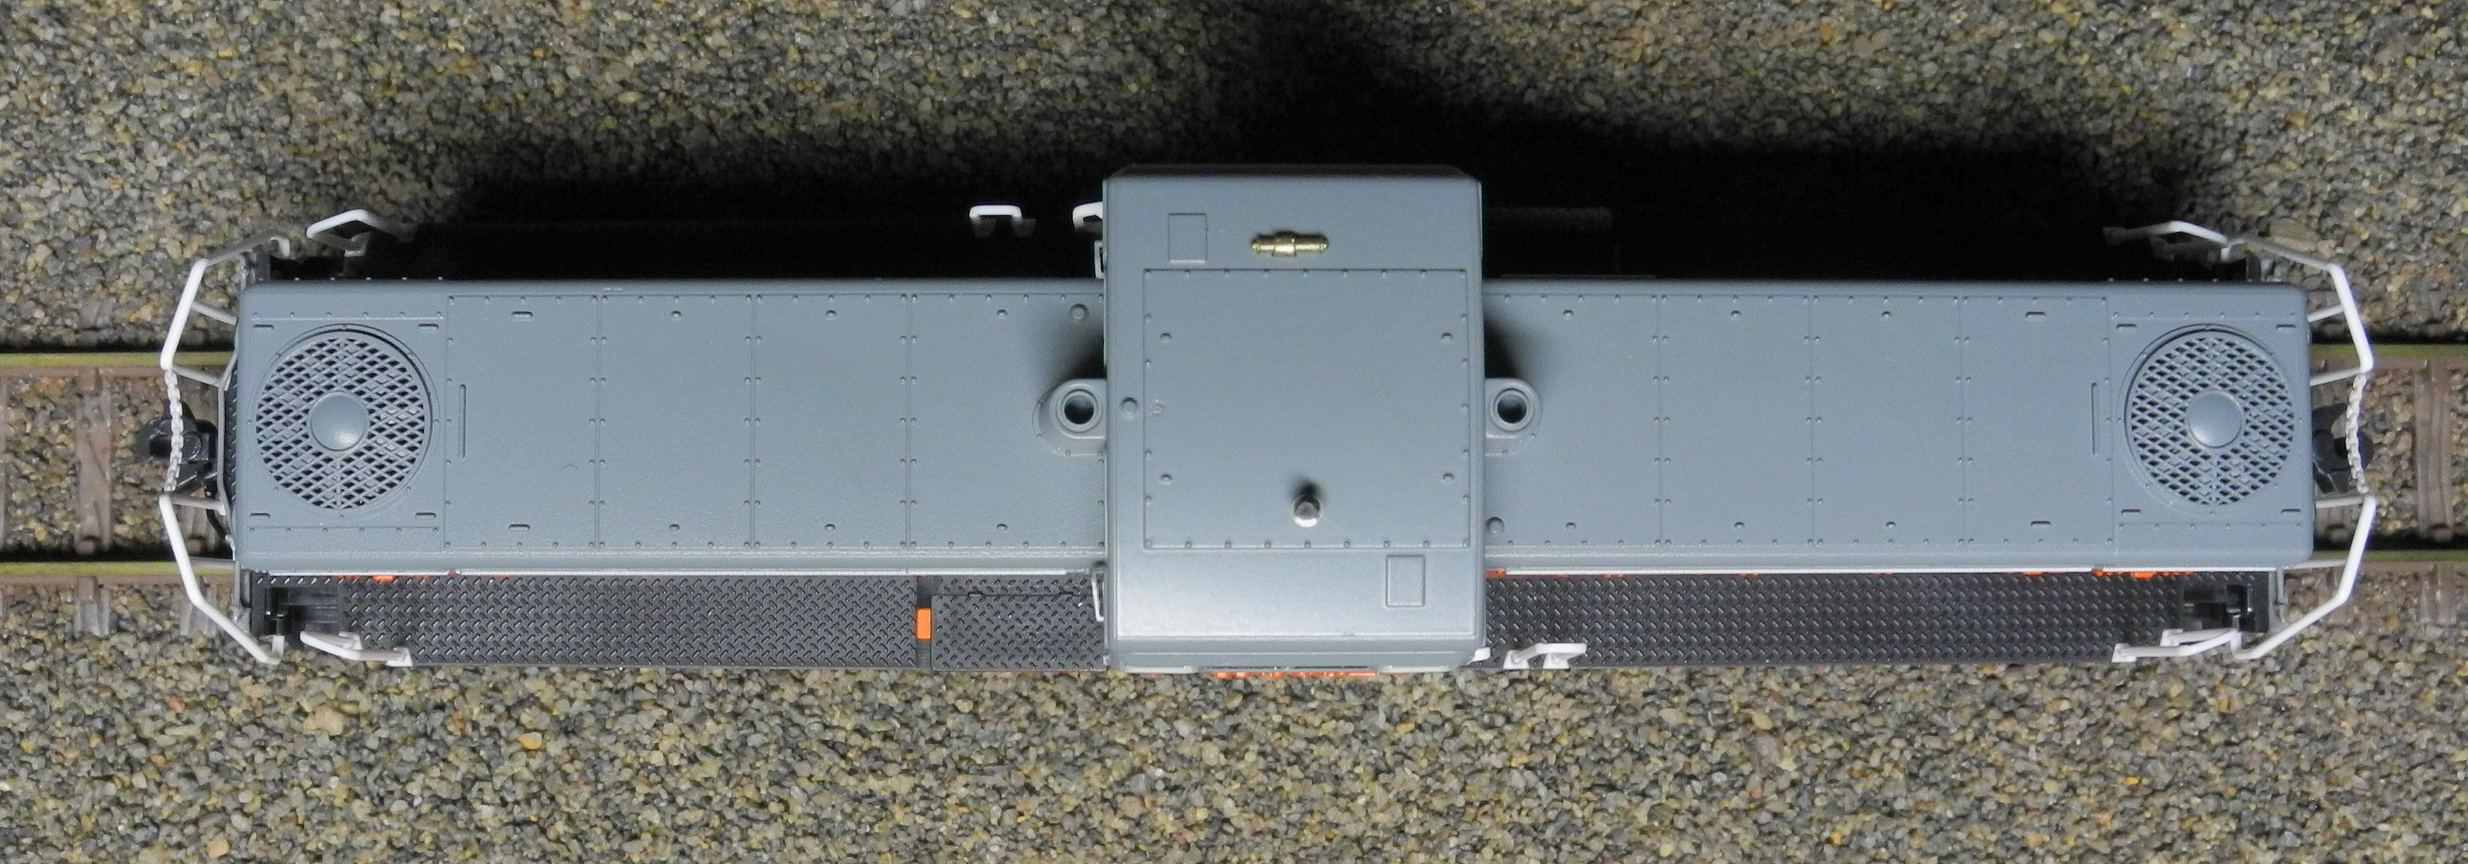 DSCN7097-1.jpg